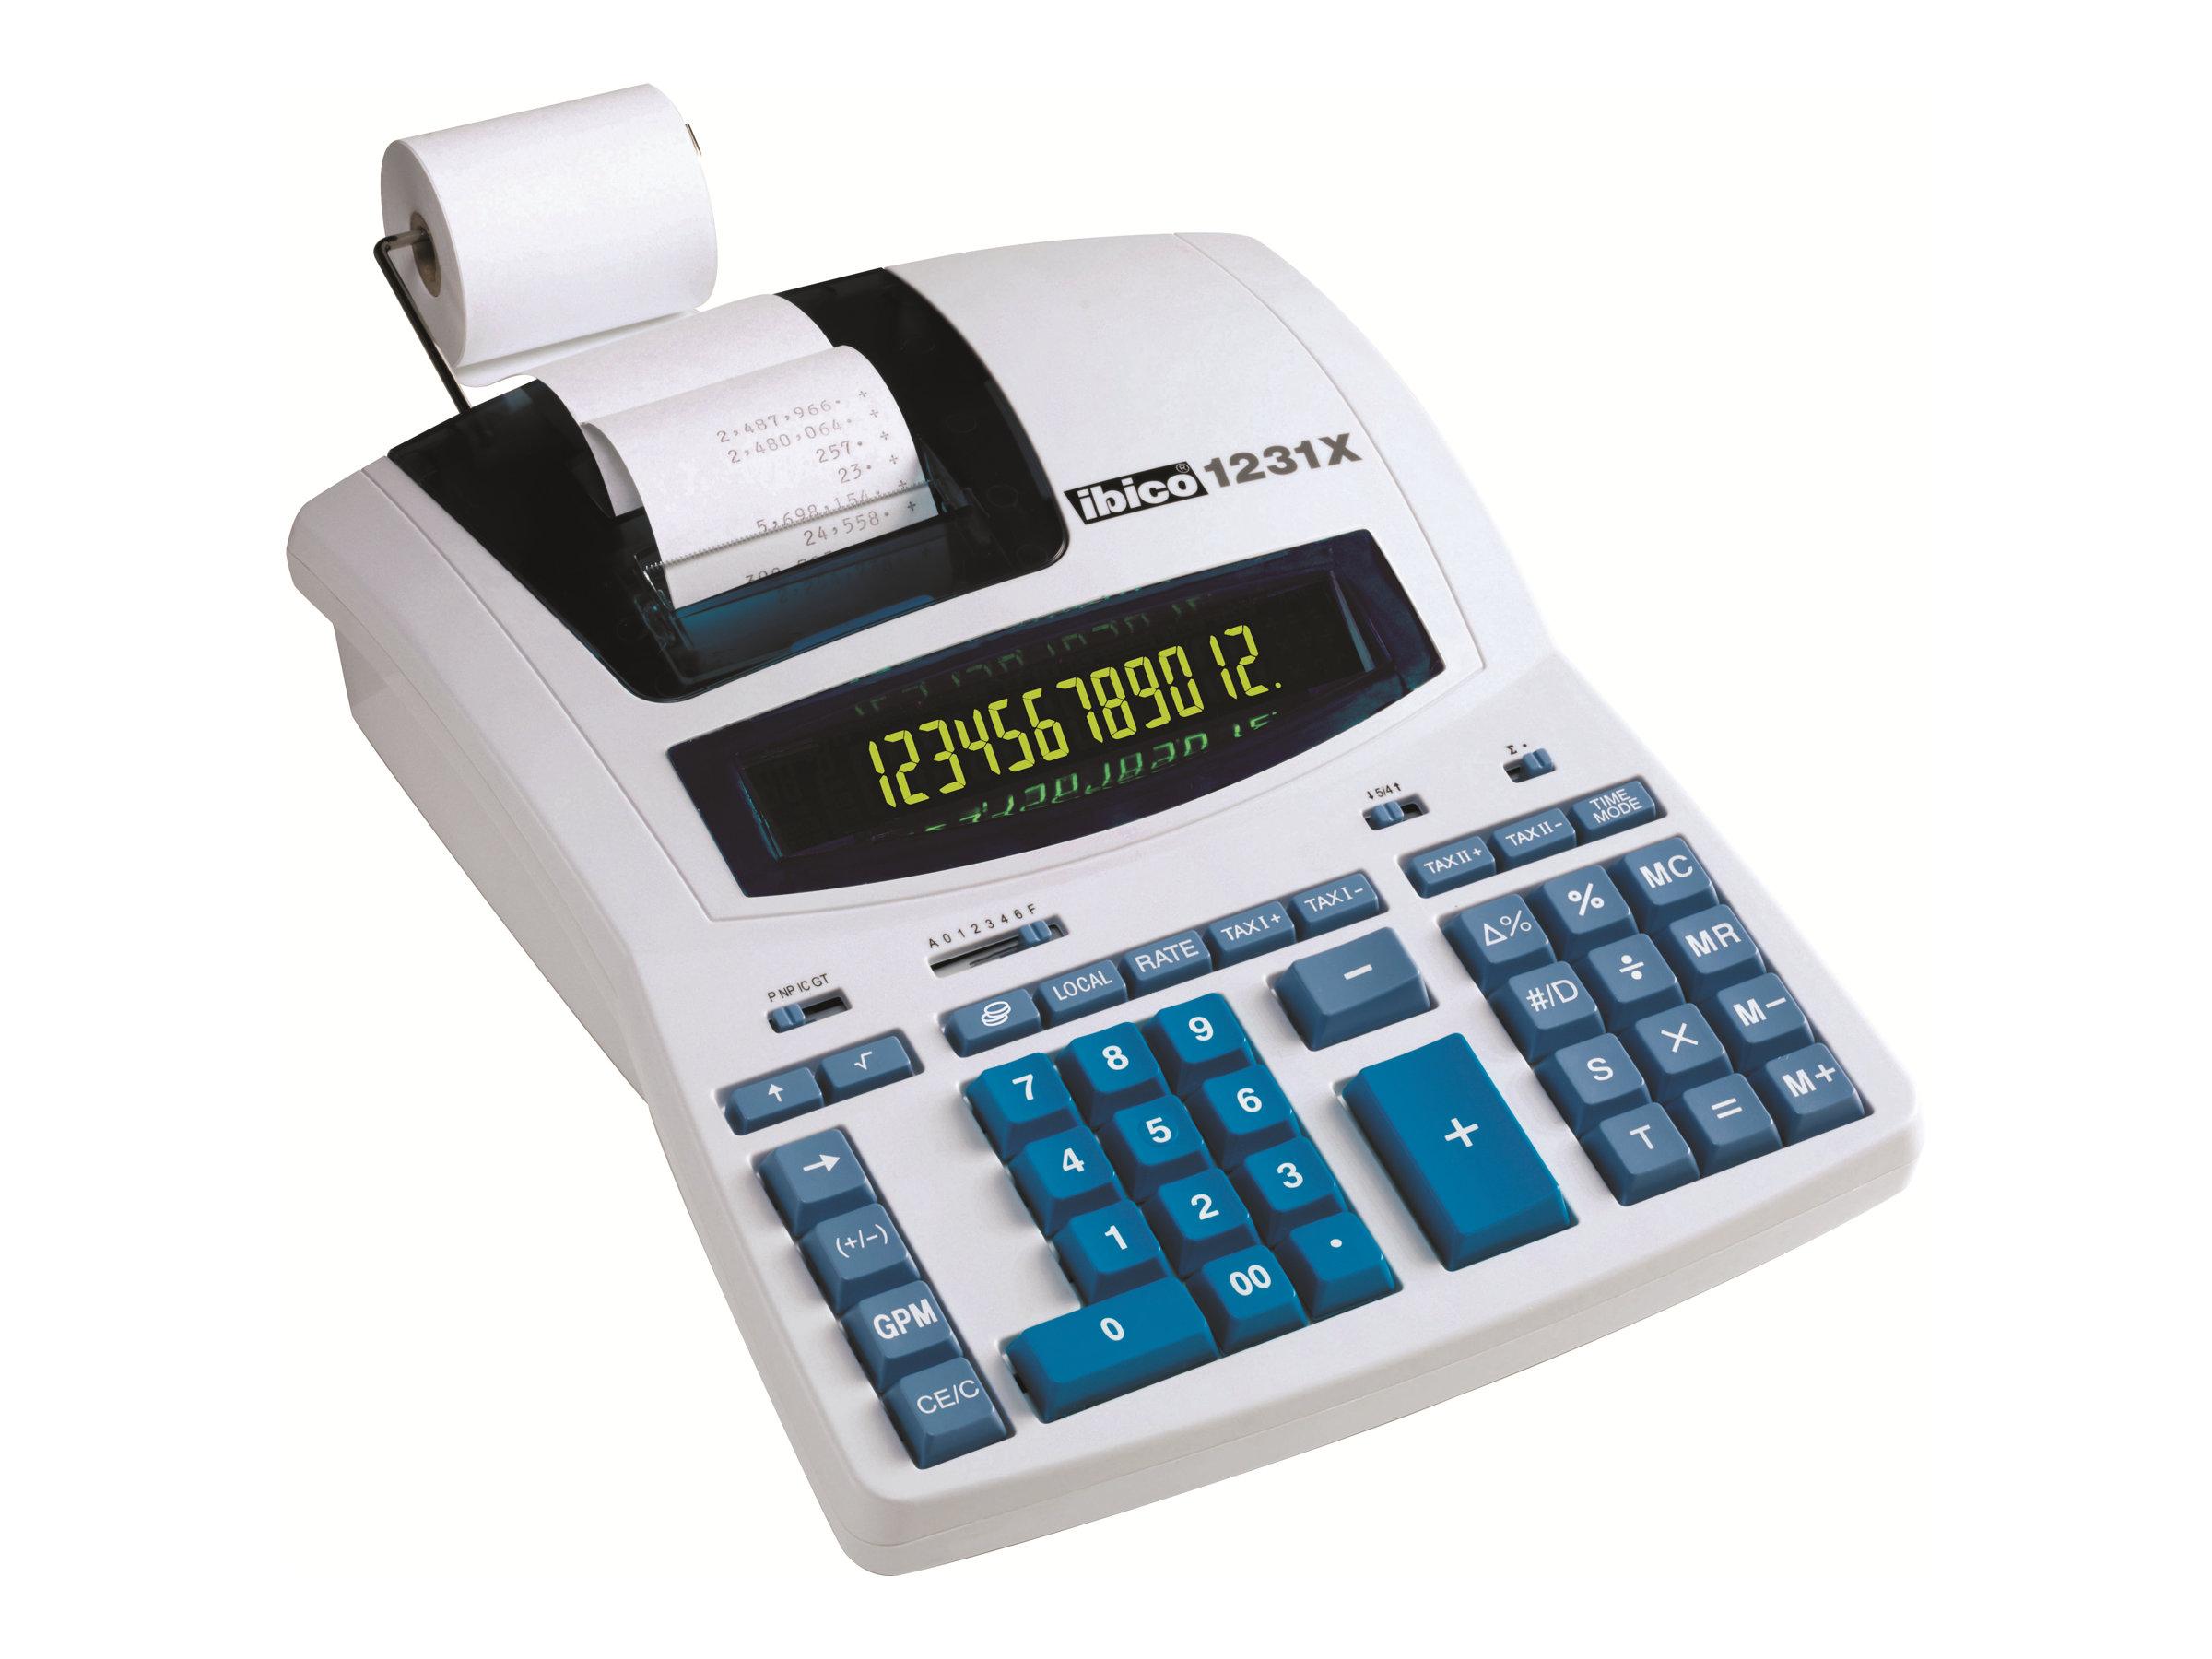 Rexel Ibico Professional 1231X - calculatrice avec imprimante